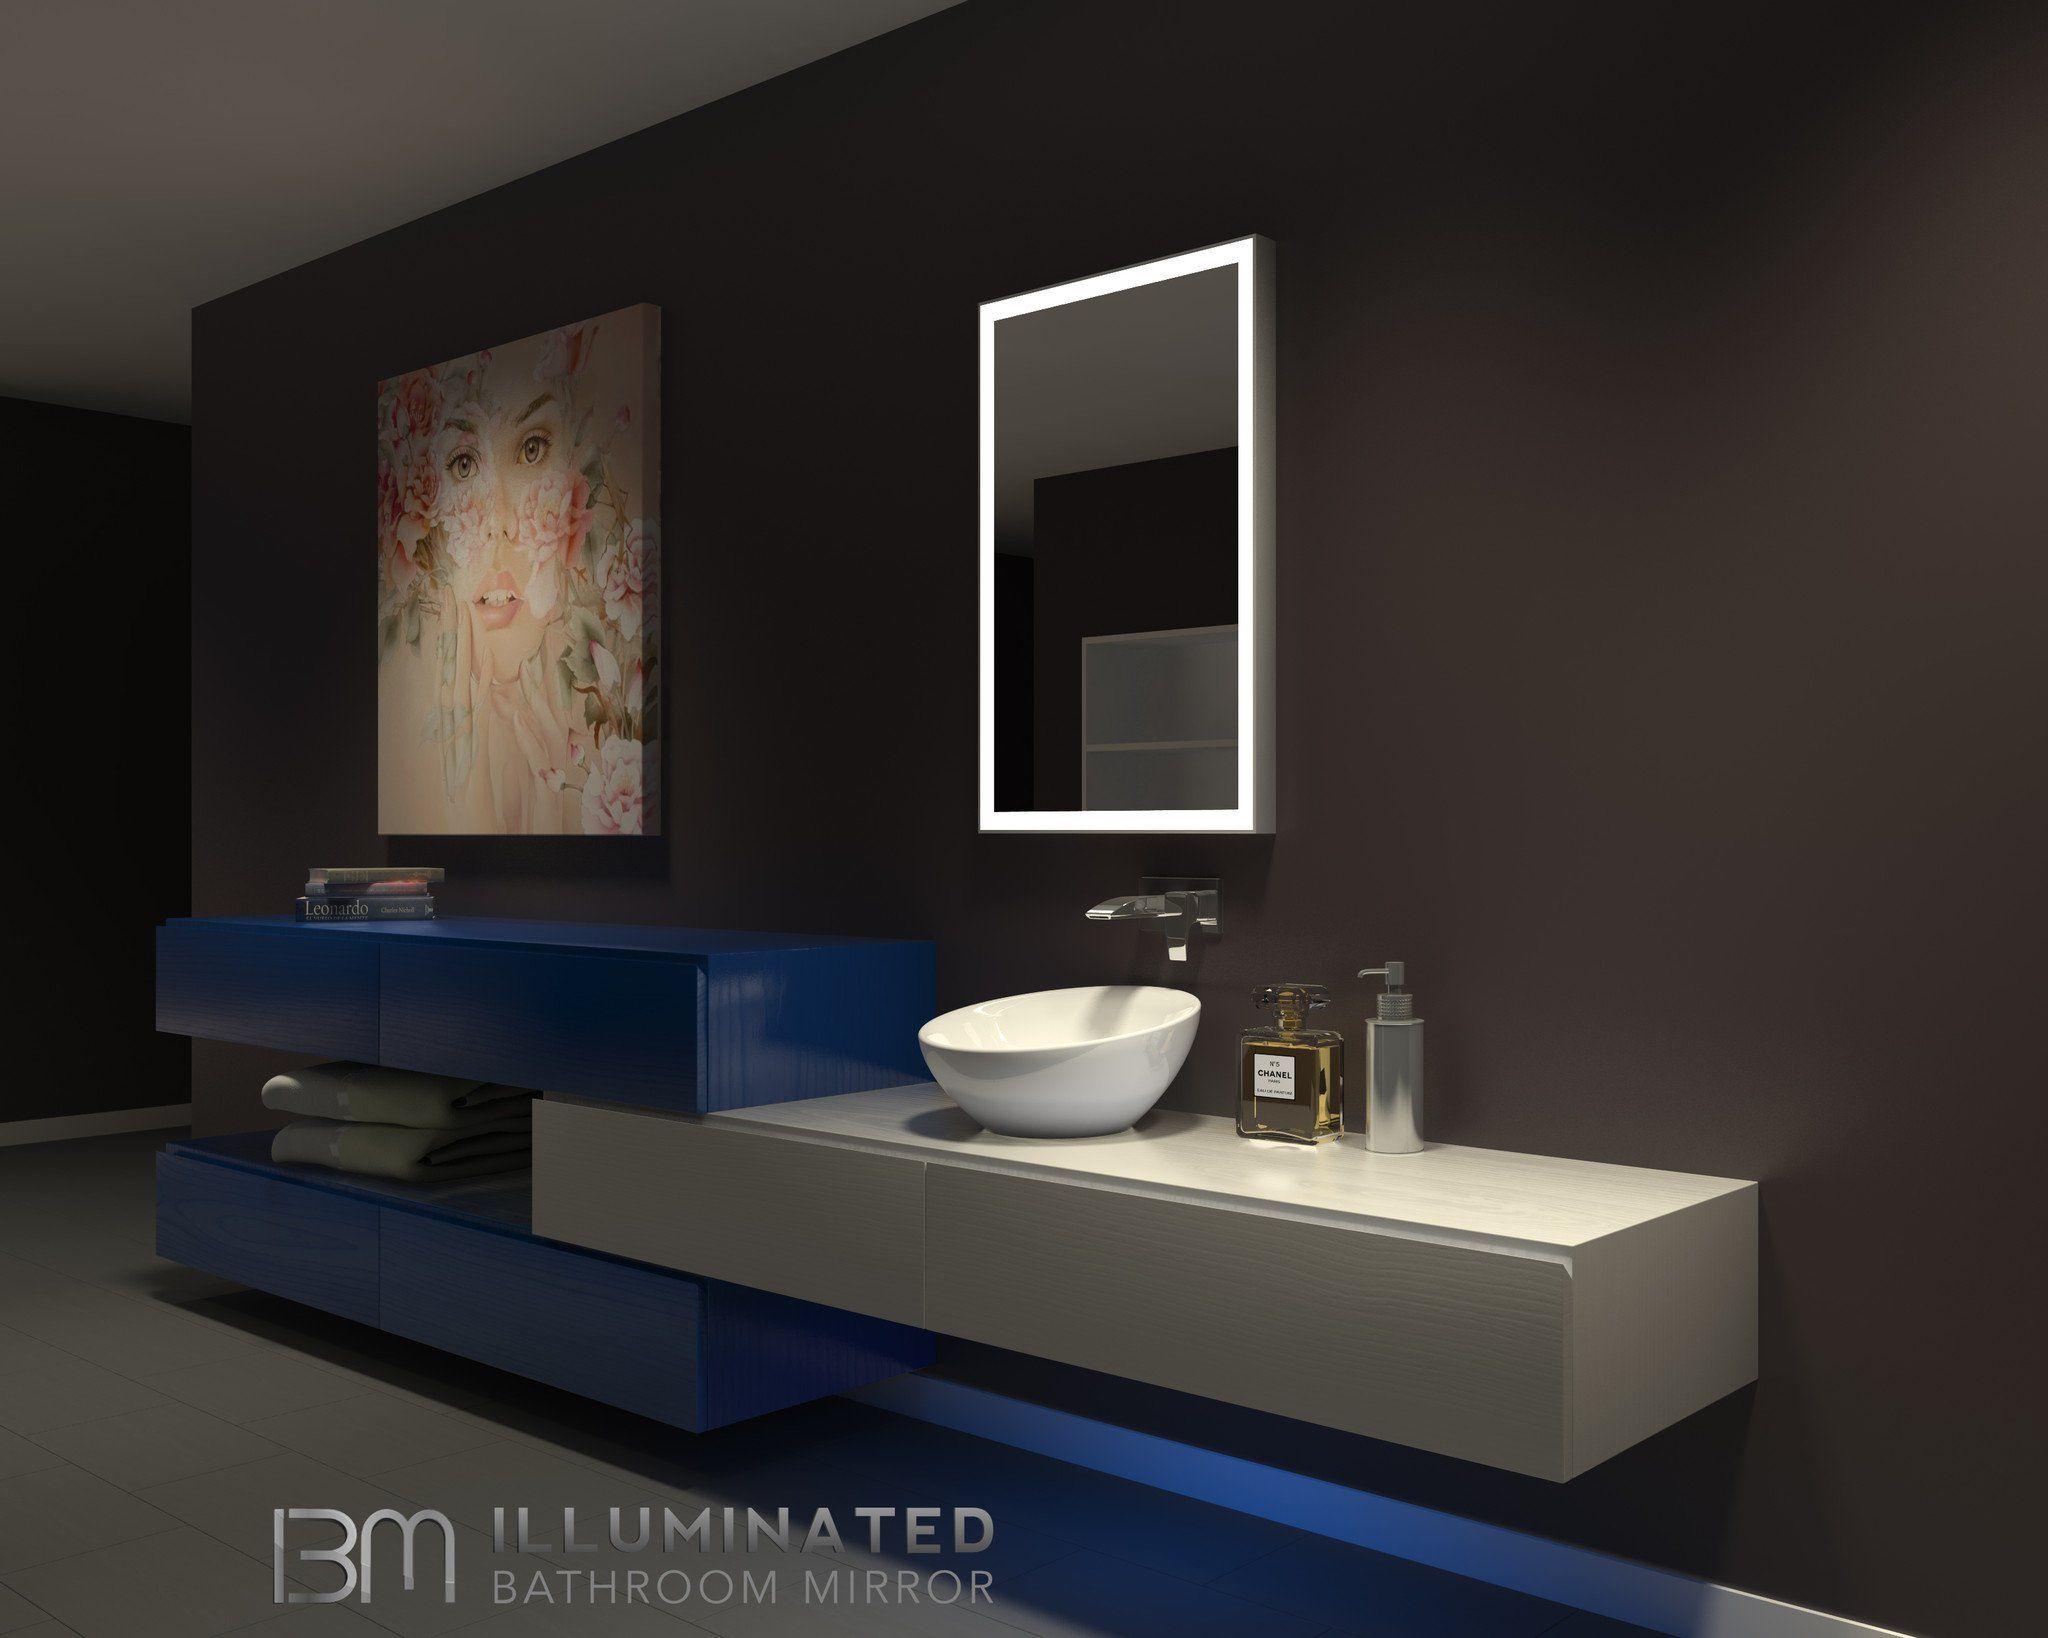 64 Tipps Erstaunlich Beleuchtete Vergra Aÿerungsspiegel Wandhalterung Gemeinsam Haben Mehr Auf Unserer Webs Beleuchteter Spiegel Badezimmerspiegel Wandspiegel